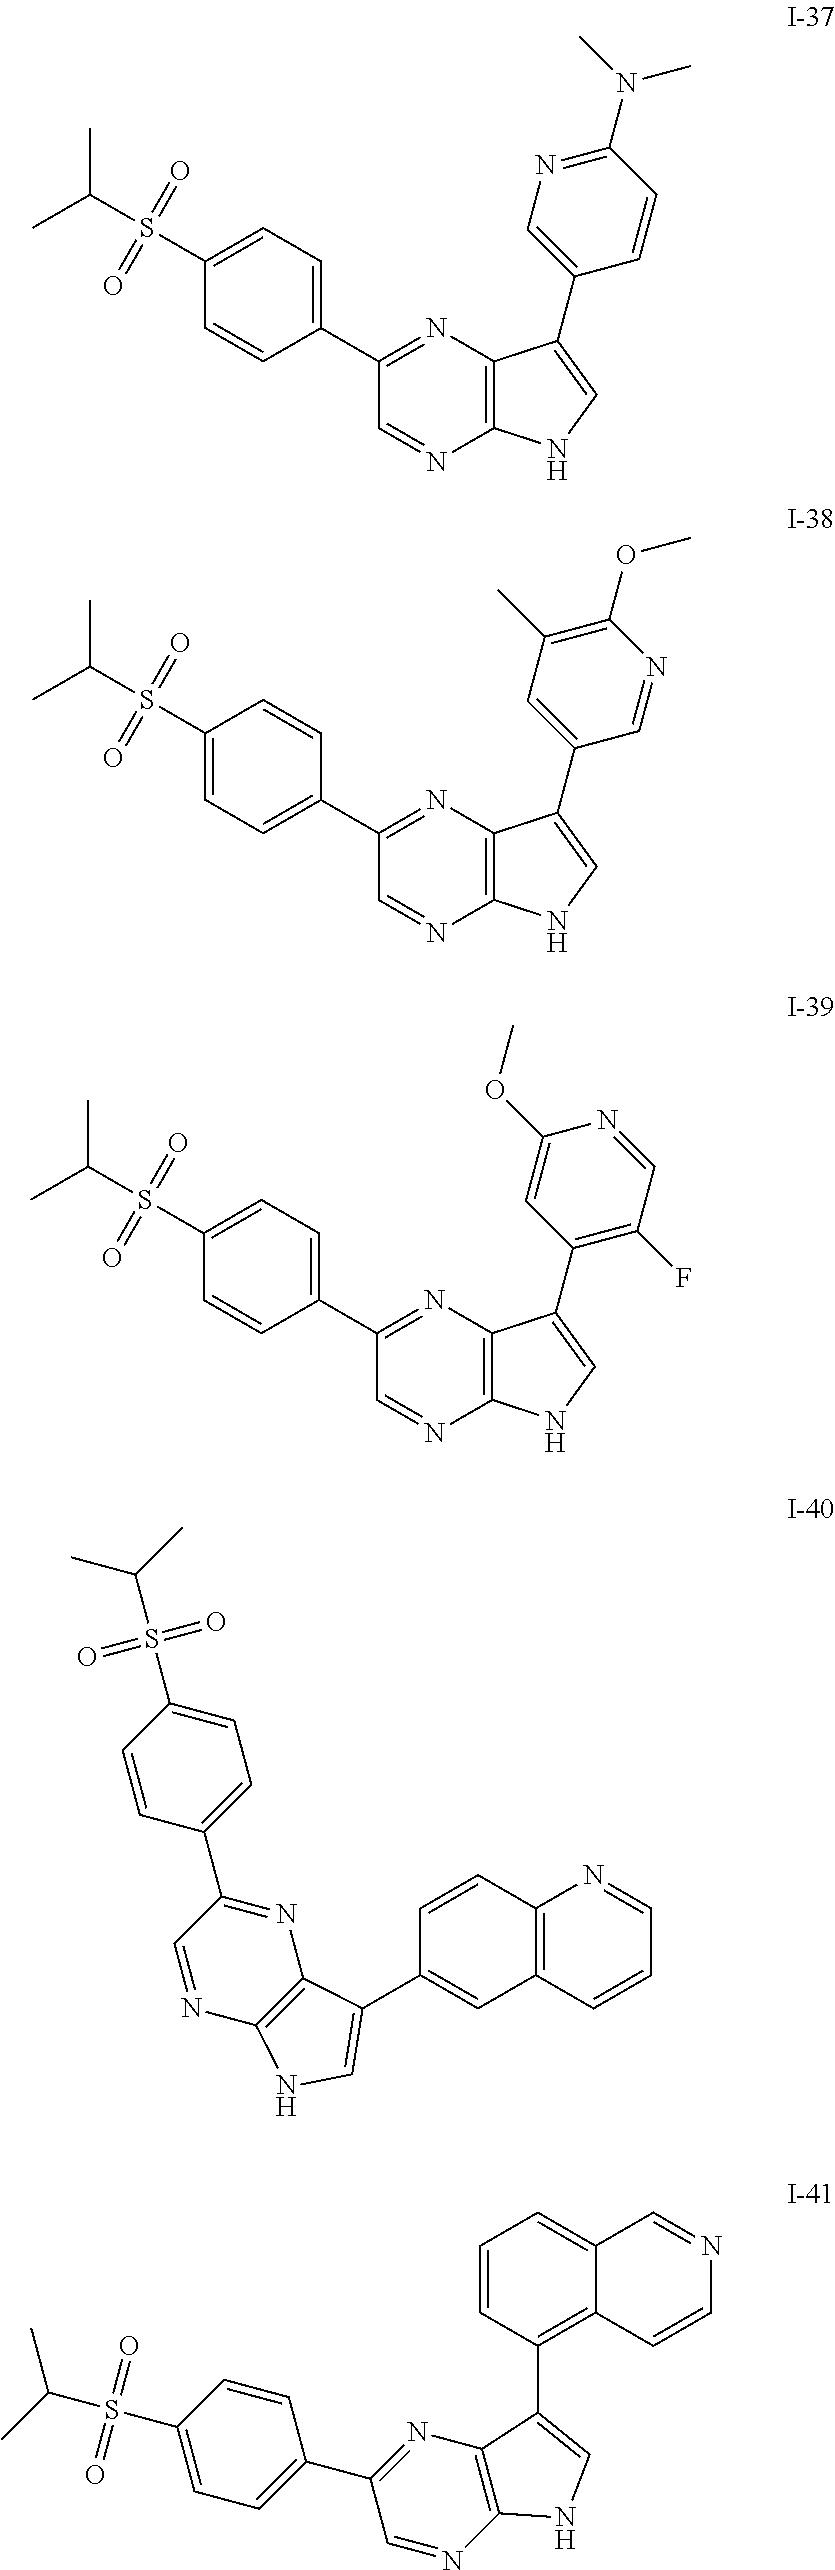 Figure US20120046295A1-20120223-C00165